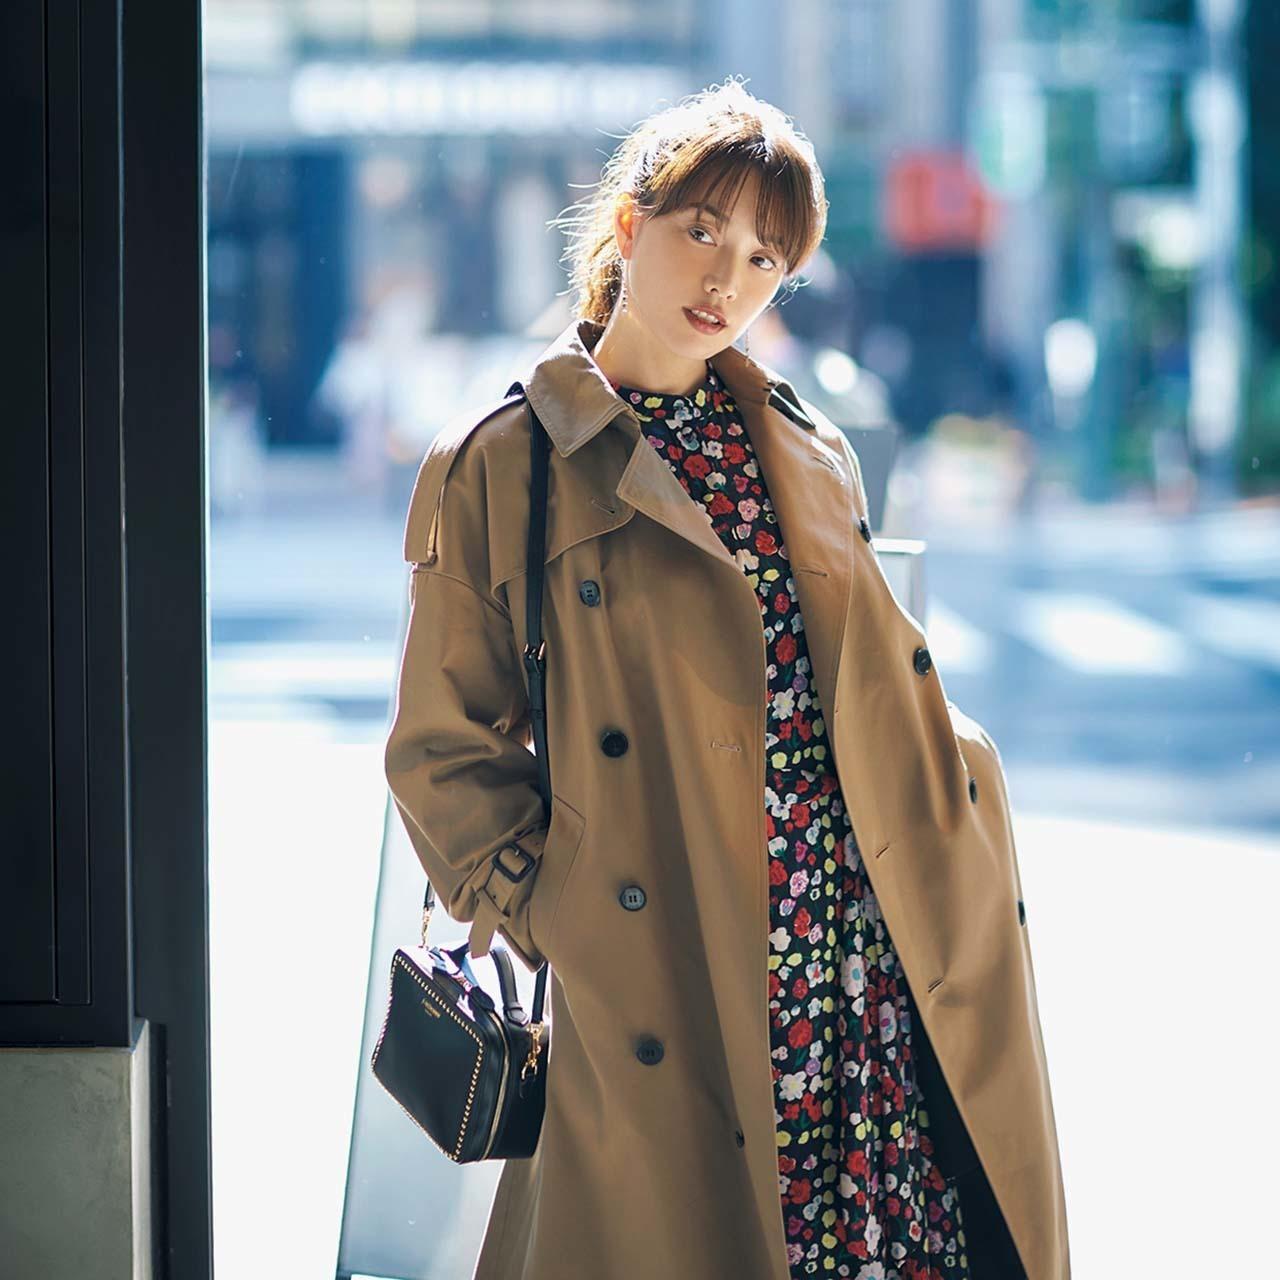 ベージュのトレンチコート×花柄ワンピースのファッションコーデ